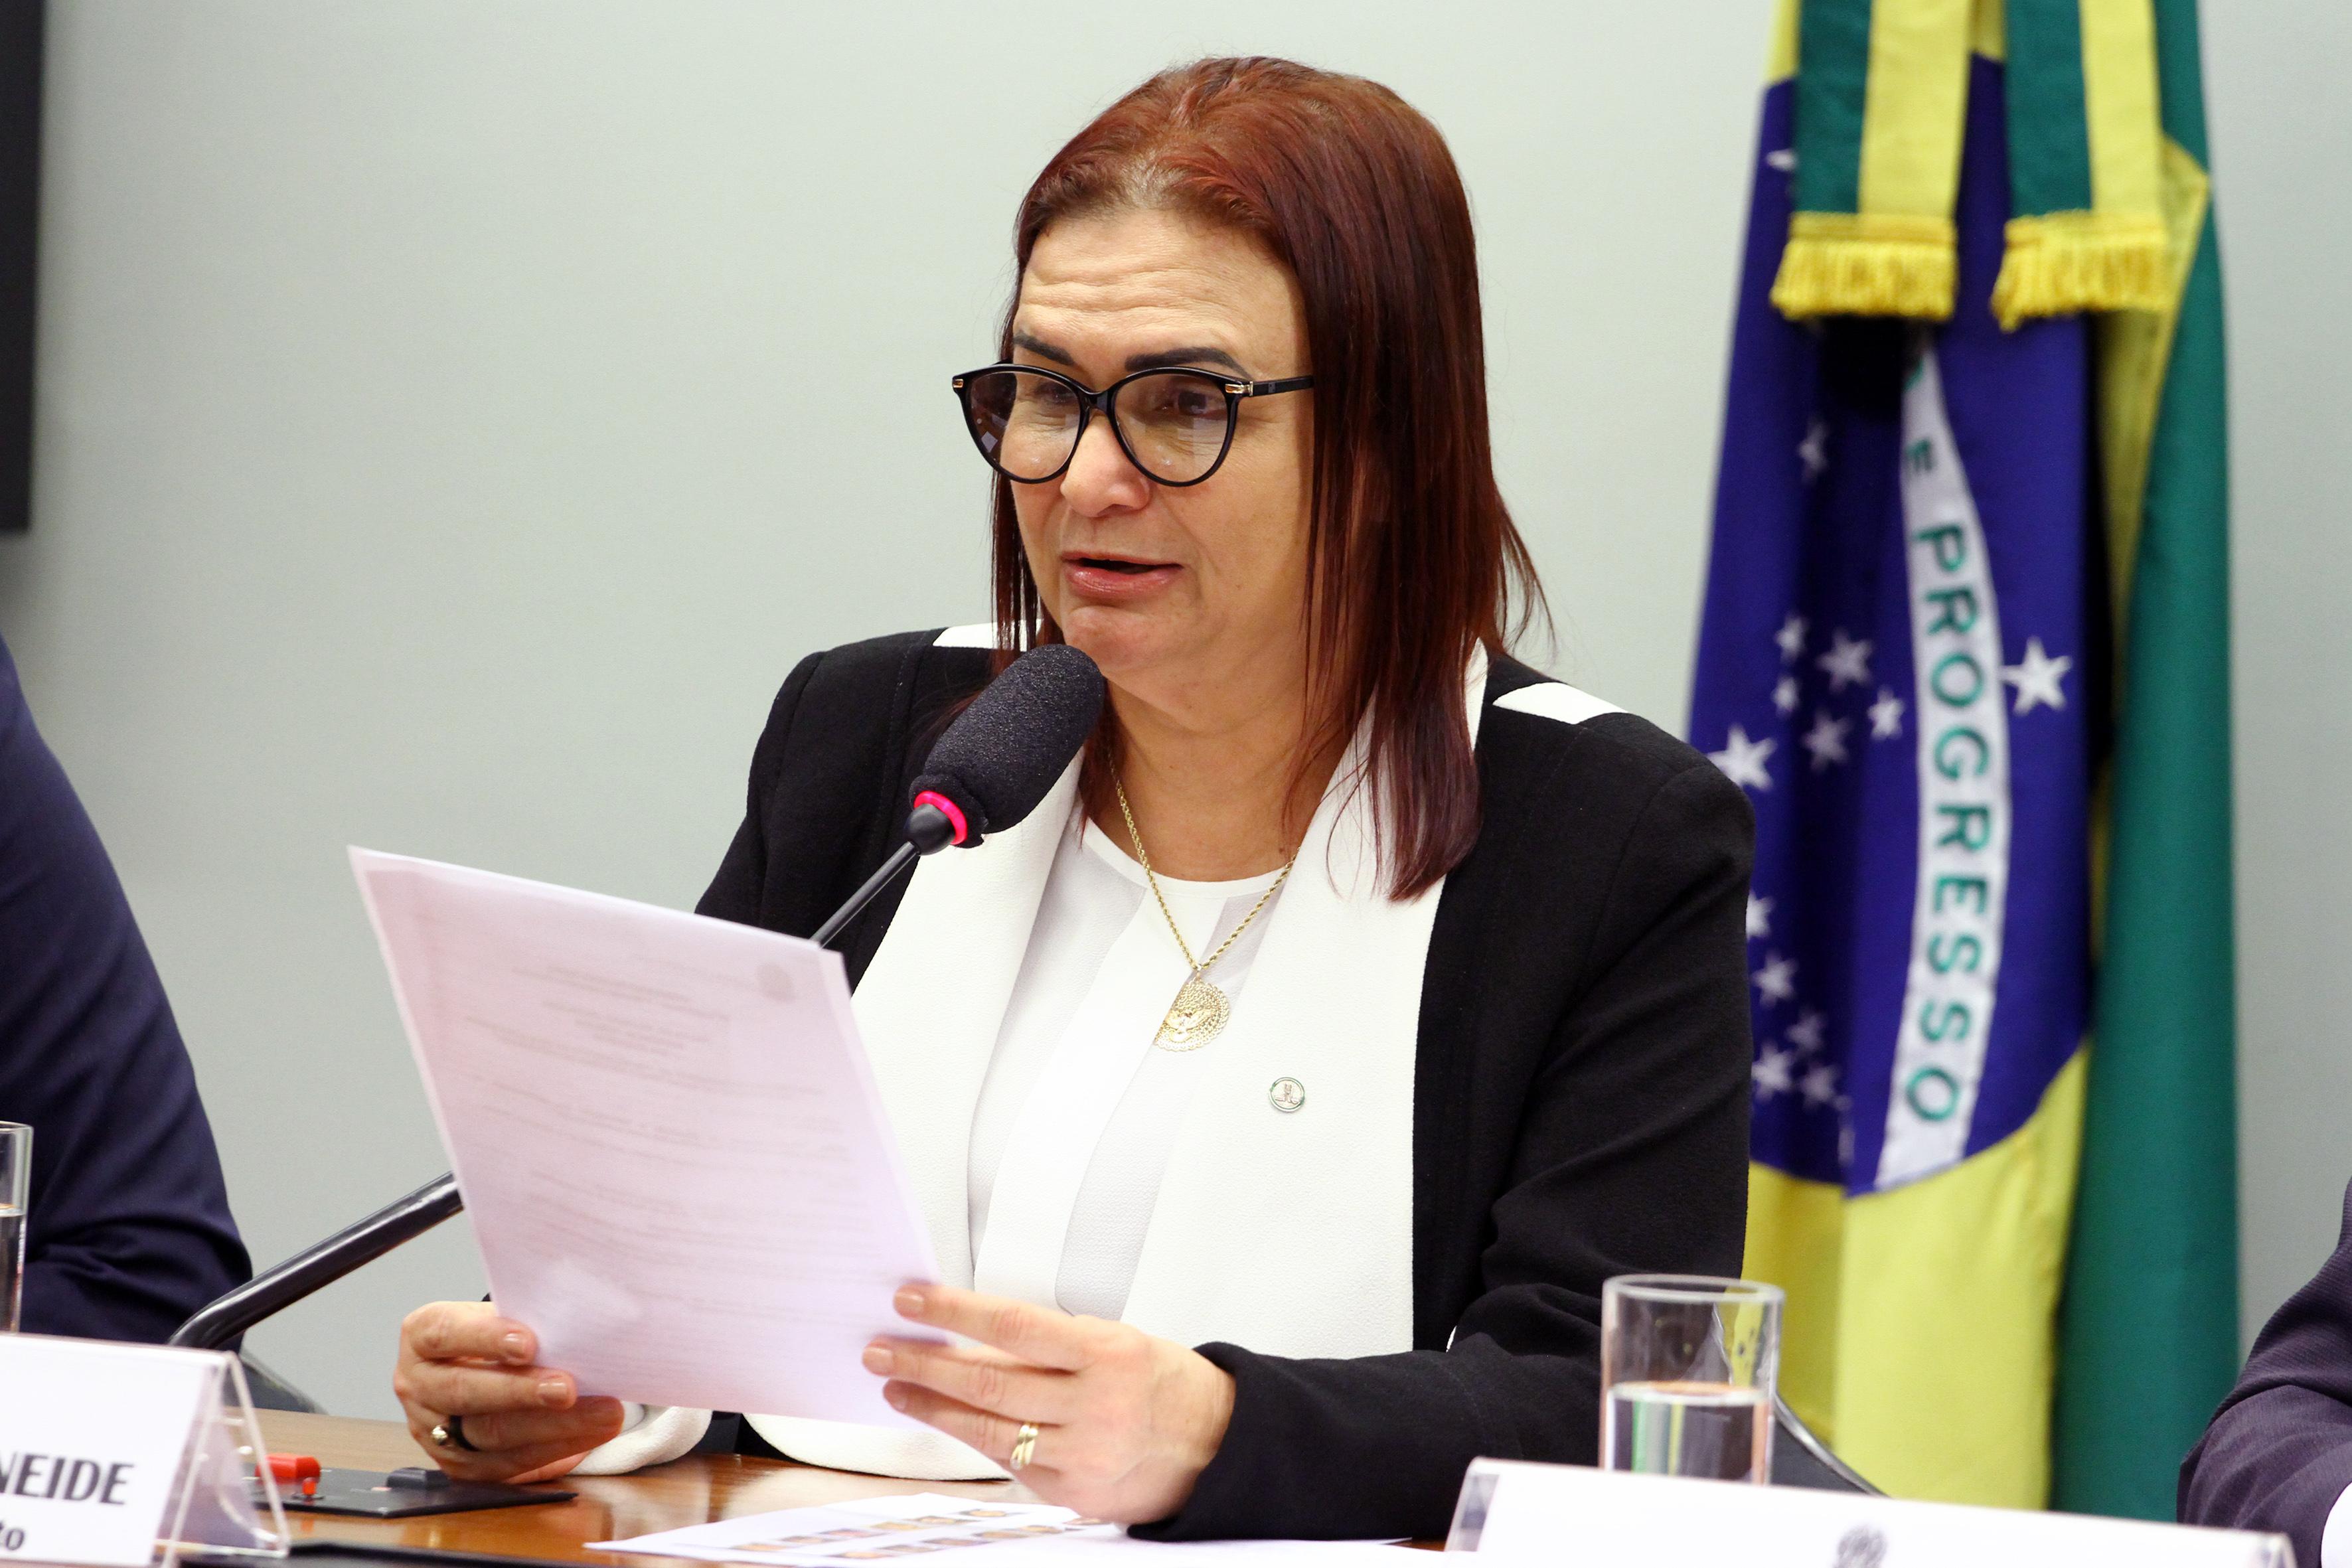 Audiência pública da Subcomissão Permanente de Financiamento da Educação Básica, Valorização do Magistério e Reforma da Previdência. Dep. Professora Rosa Neide (PT-MT)